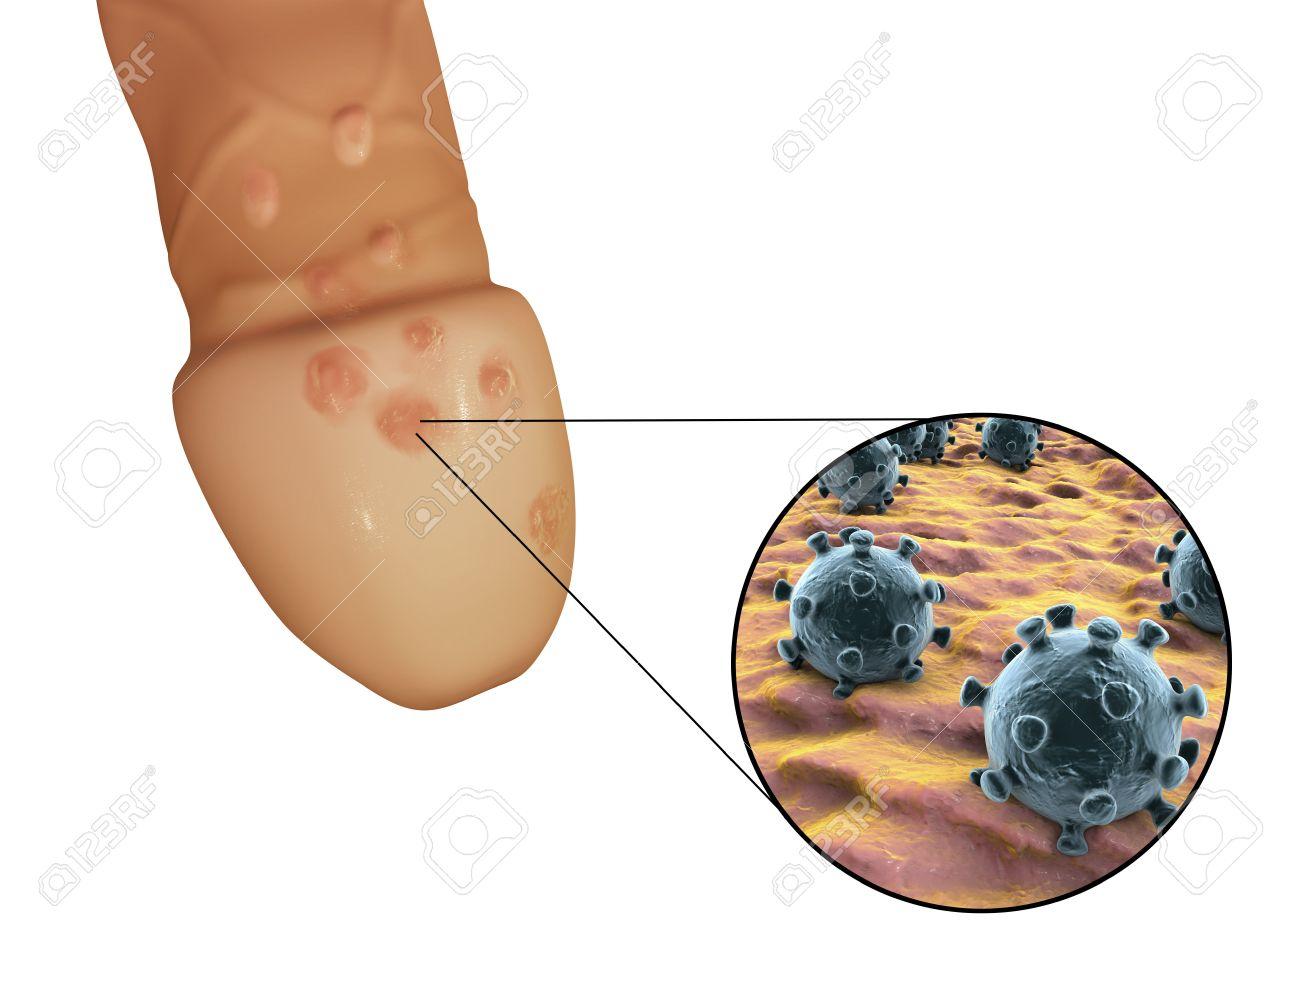 Lésions d'herpès génital et la vue rapprochée de l'herpès simplex virus  attachés à des cellules humaines, illustration 3D